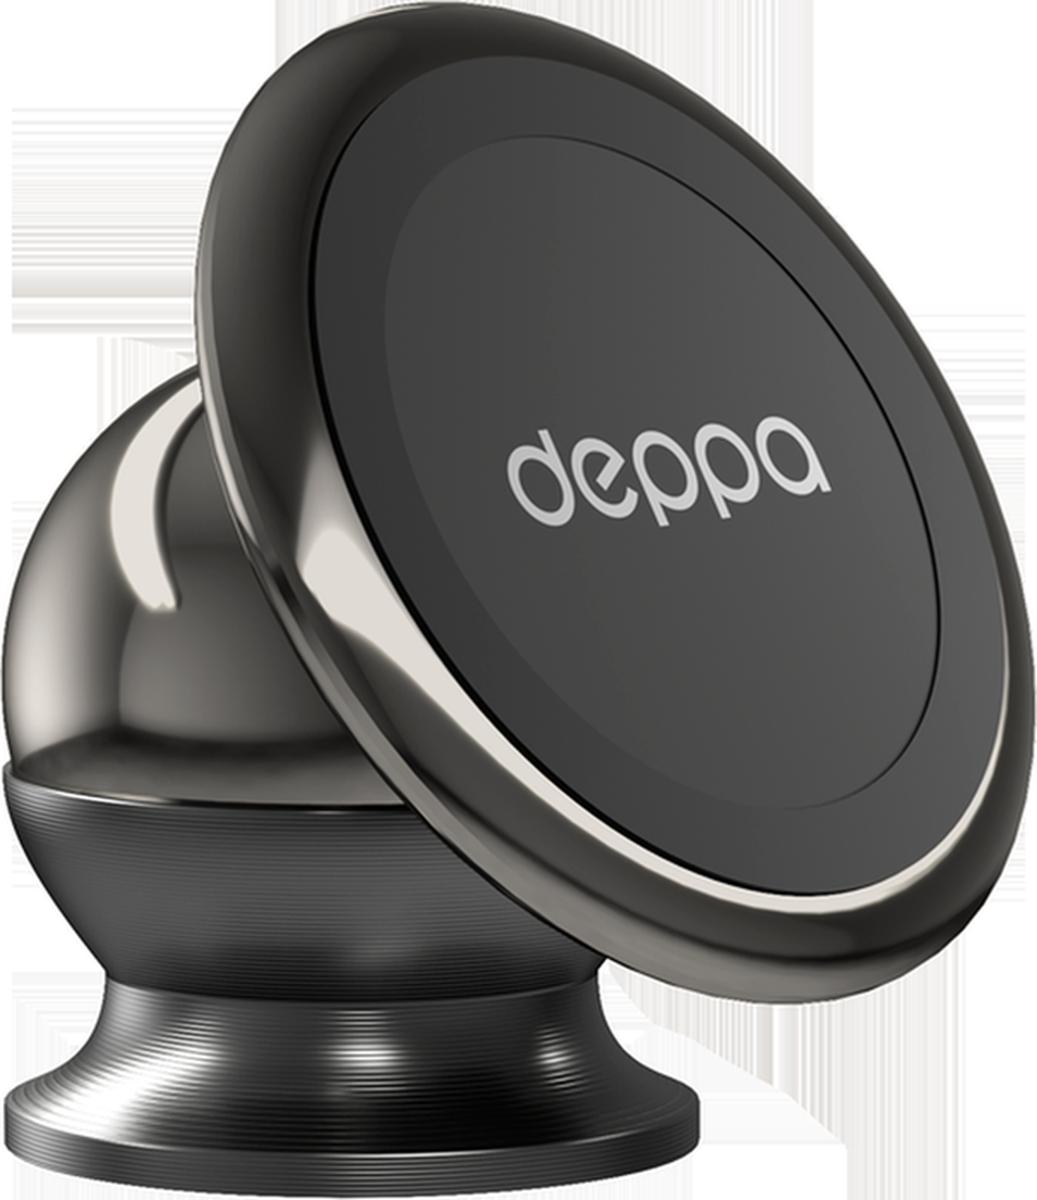 Deppa Mage Steel, Black автомобильный держатель для смартфонов55150Deppa Mage Steel обеспечивает надежное крепление смартфона на приборную панель автомобиля. Угол наклона можно настраивать. Клейкая 3М основа надежно крепится практически к любой поверхности.